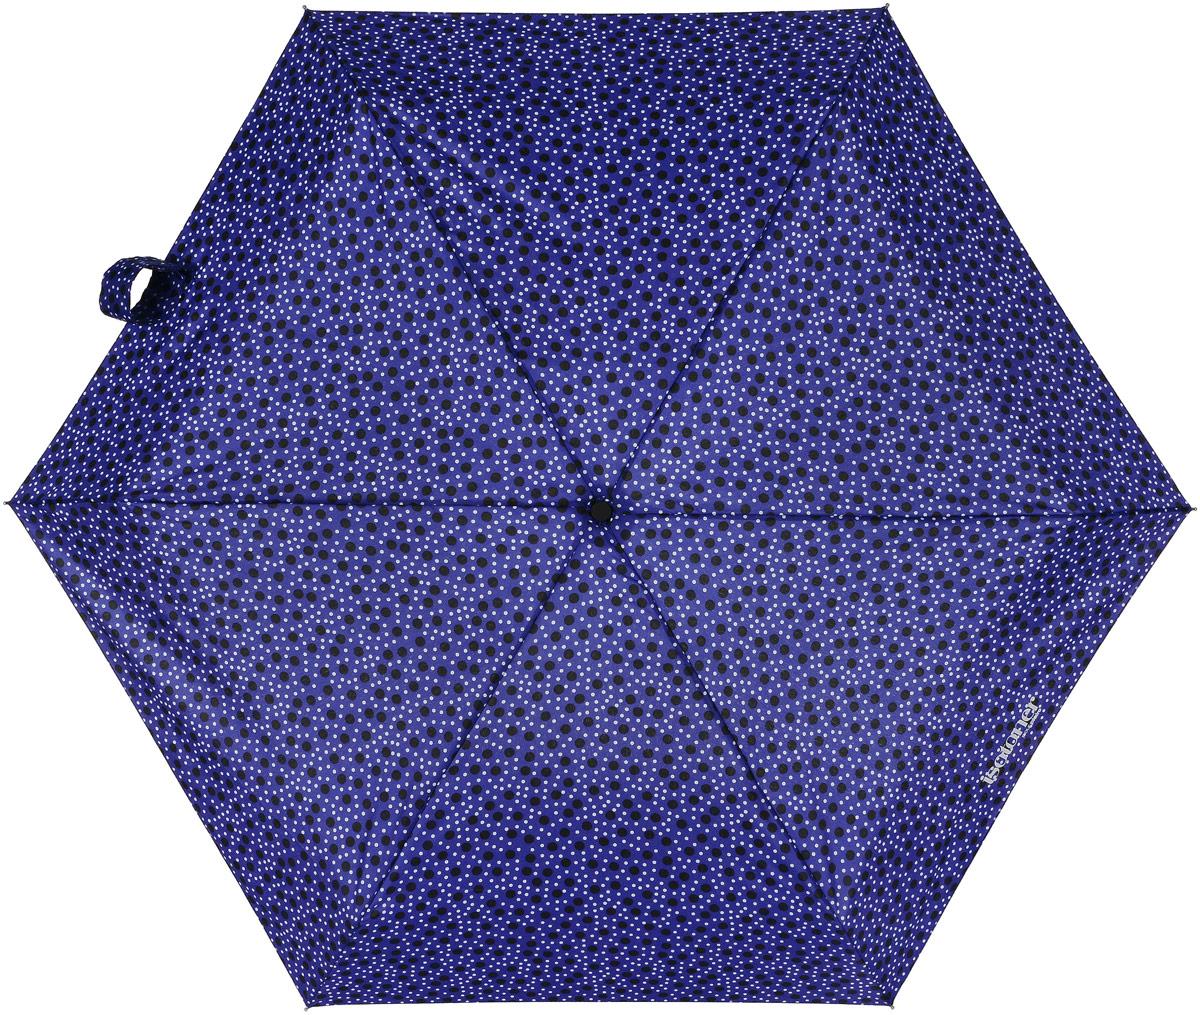 Зонт женский Isotoner Галактика, механический, 5 сложений, цвет: синий, мультиколор. 09137-363809137-3638Компактный женский зонт Isotoner изготовлен из металла и пластика. Каркас зонта на прочном металлическом стержне. Купол зонта изготовлен качественного полиэстера. Закрытый купол застегивается на липучку хлястиком. Практичная рукоятка закругленной формы разработана с учетом требований эргономики. Зонт складывается и раскладывается механическим способом. Такой зонт не только надежно защитит от дождя, но и станет стильным аксессуаром.